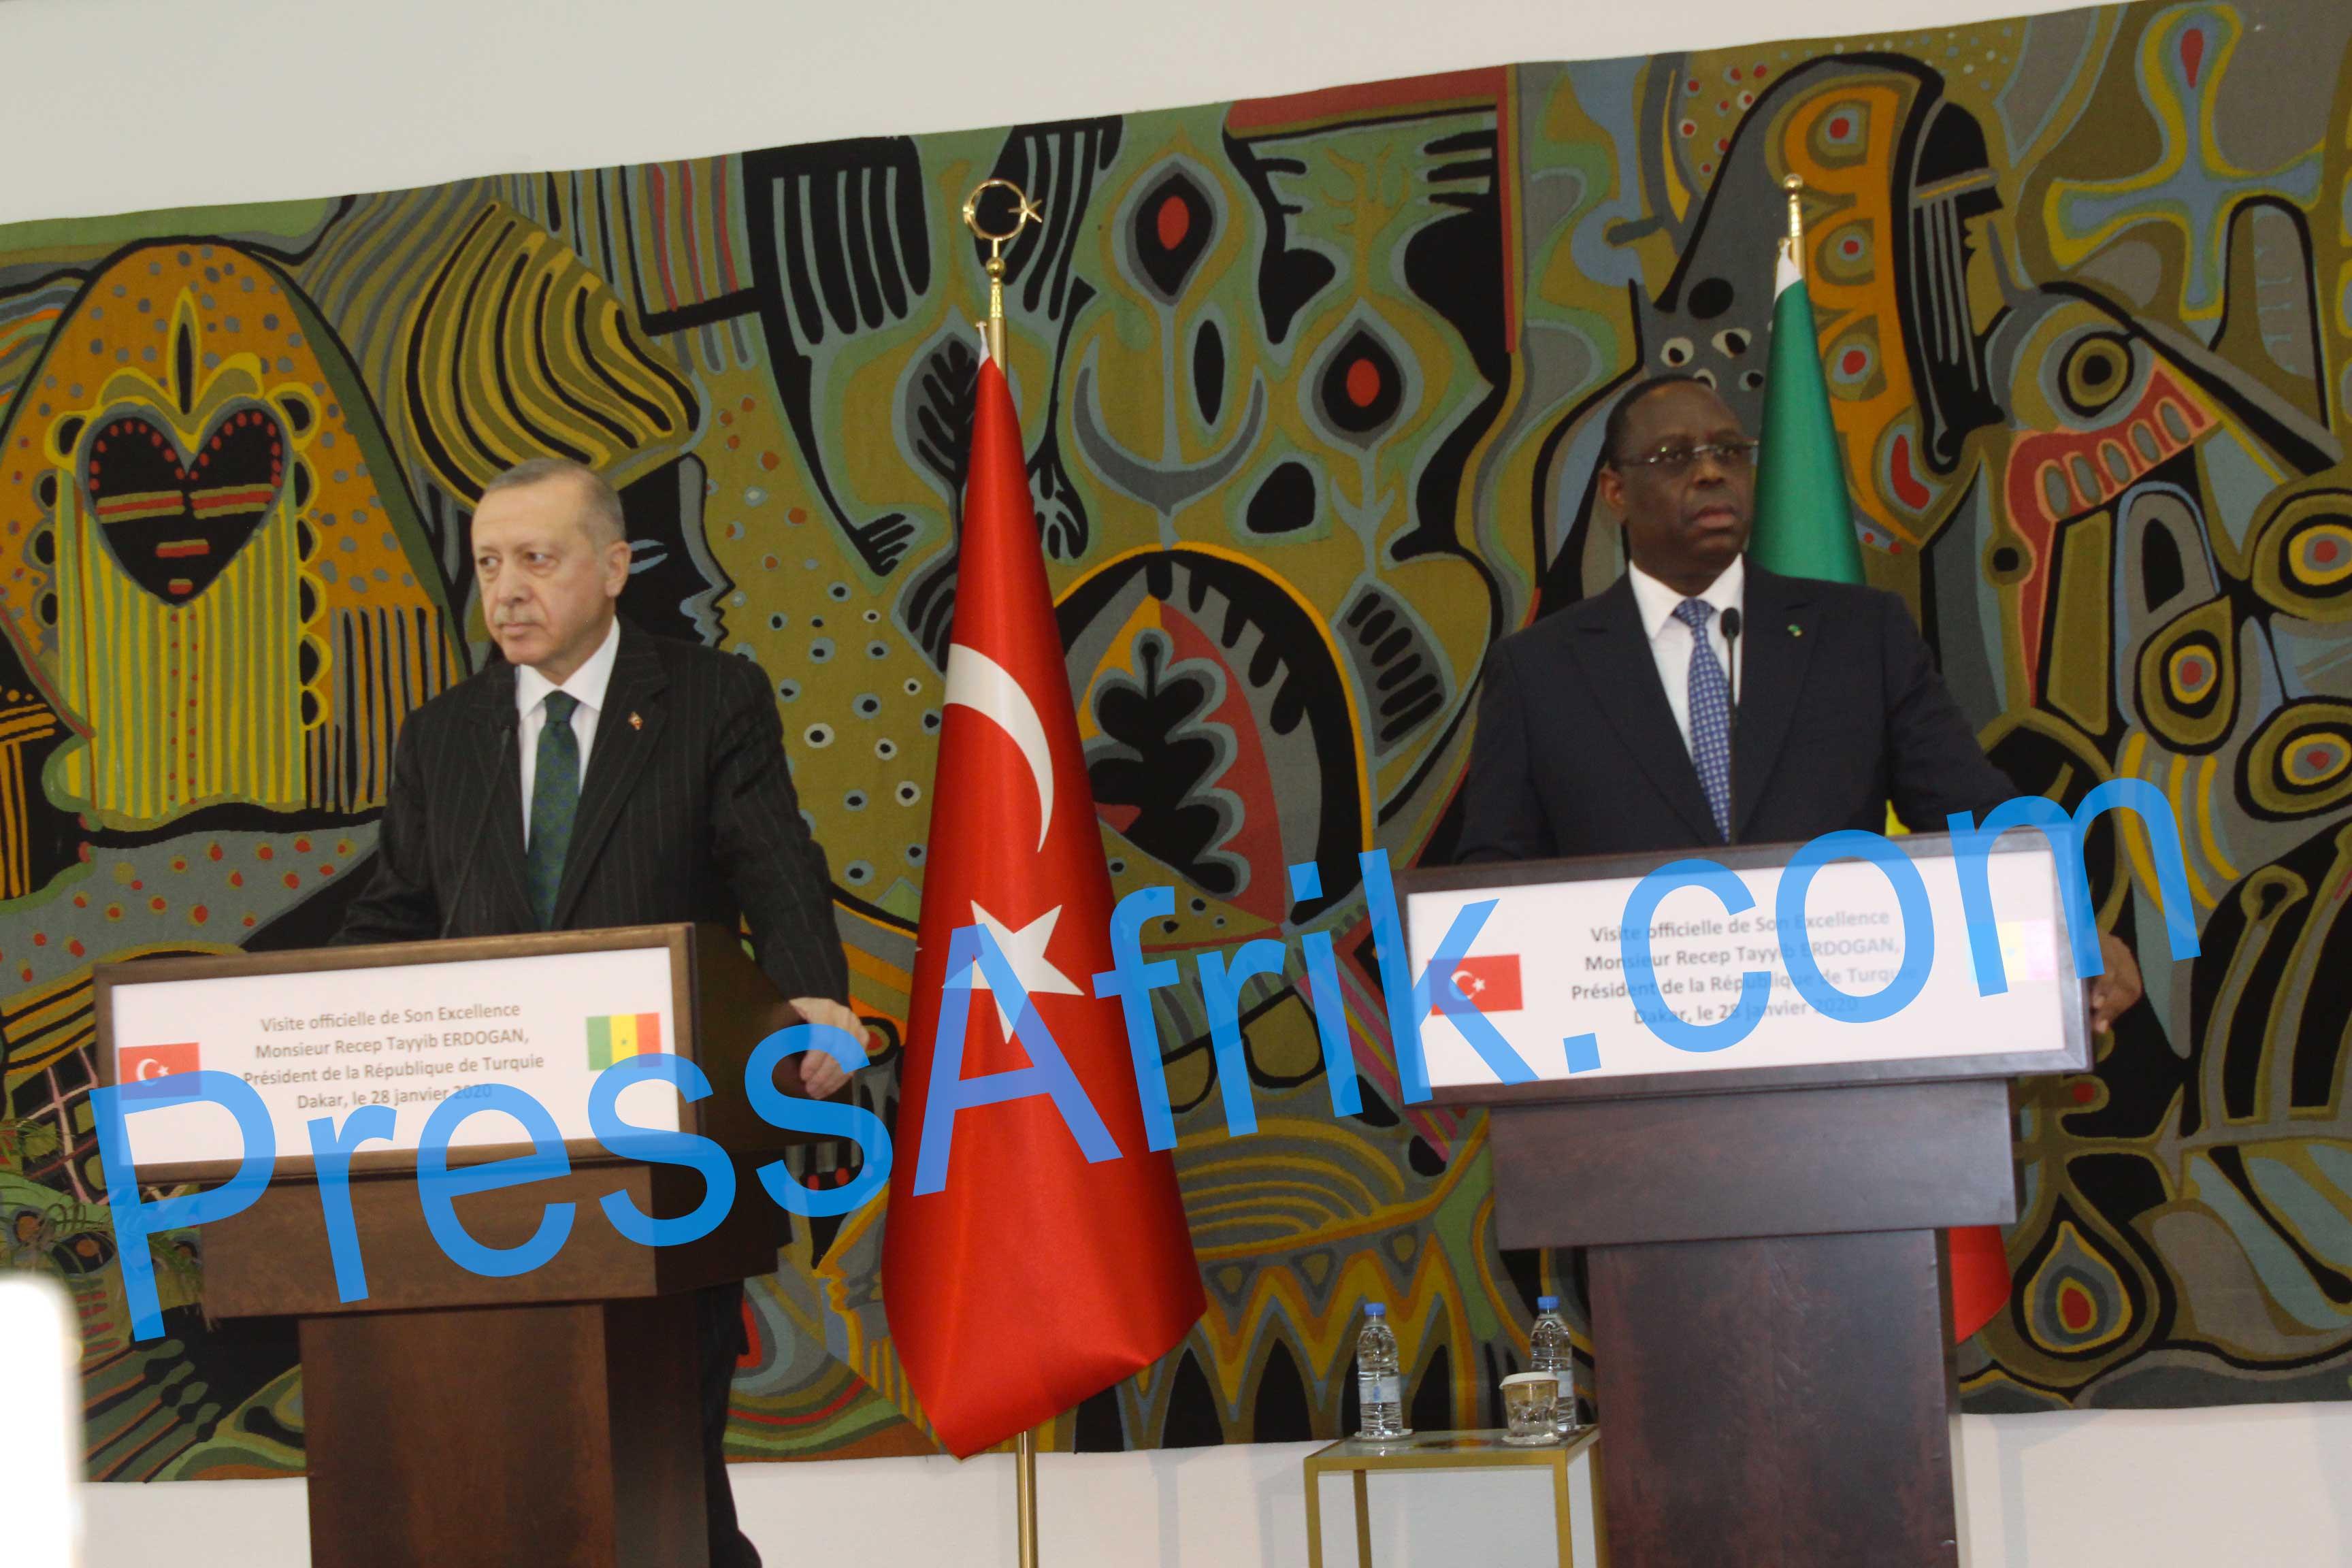 Visite du Président Turc à Dakar : 7 nouveaux accords signés, Recep Tayyip Erdoğan très ambitieux